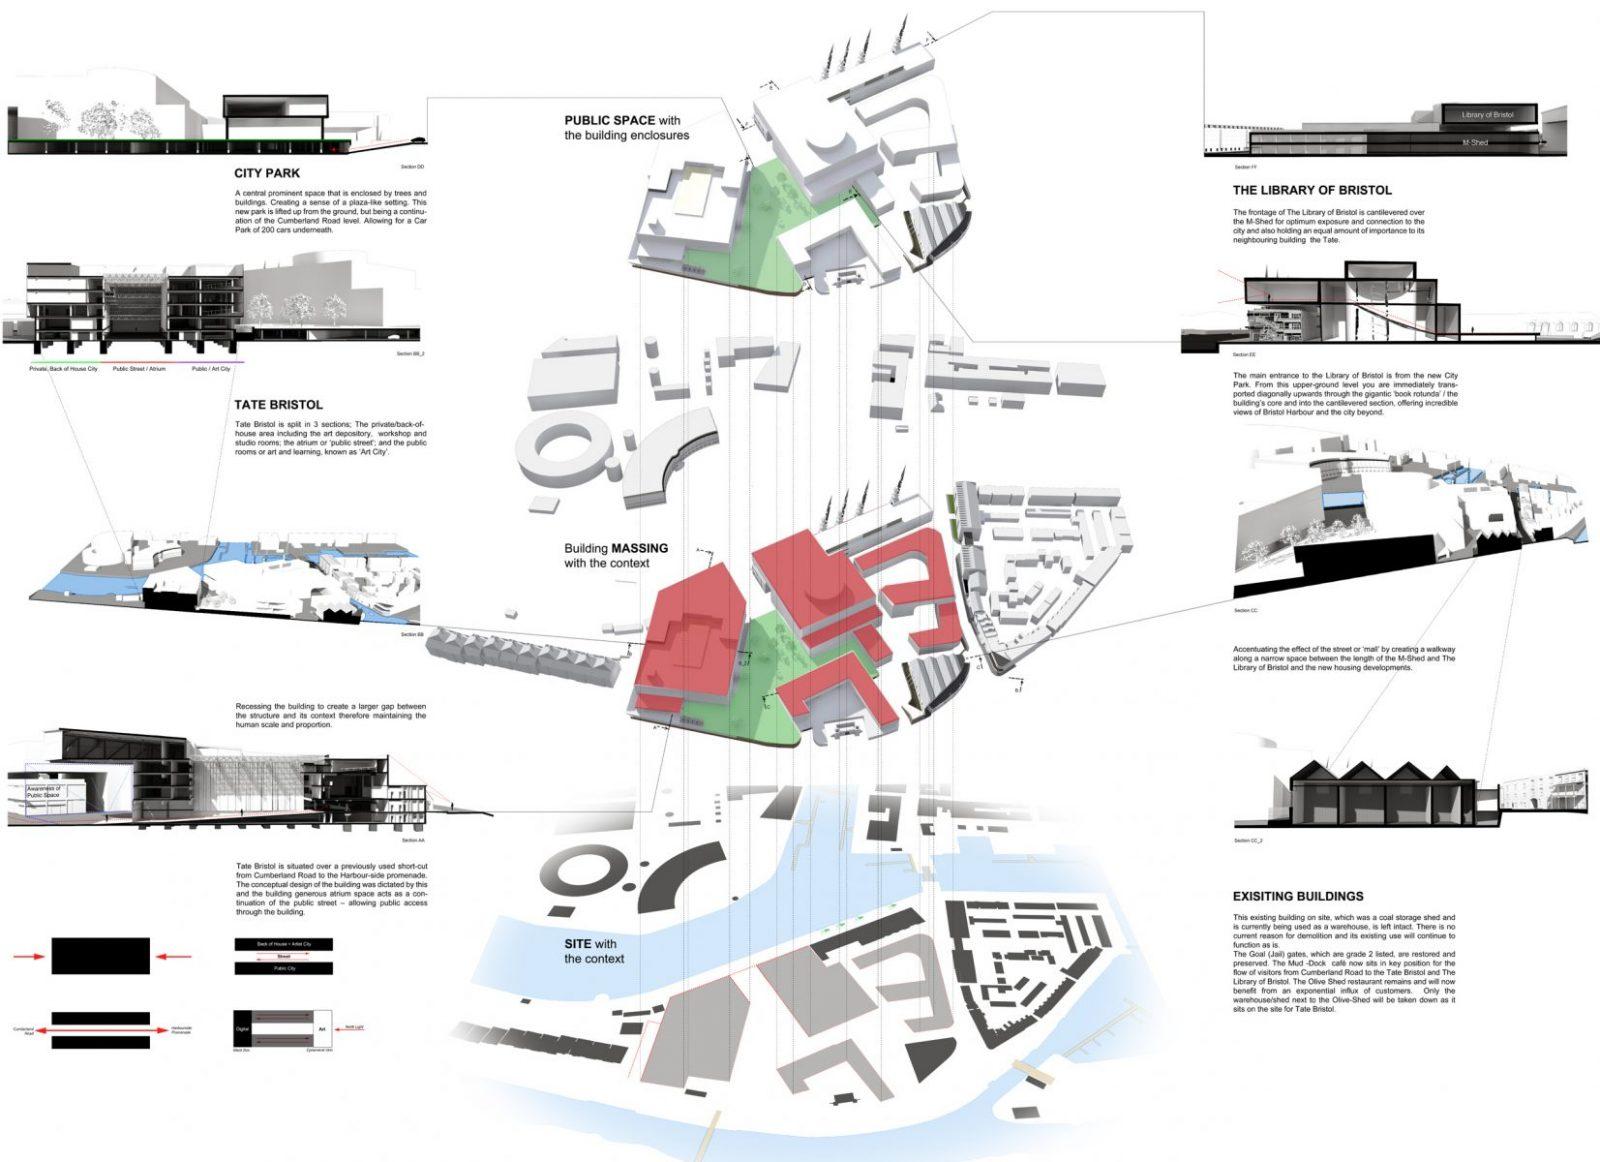 tate bristol art gallery bristol architects jersey architects5